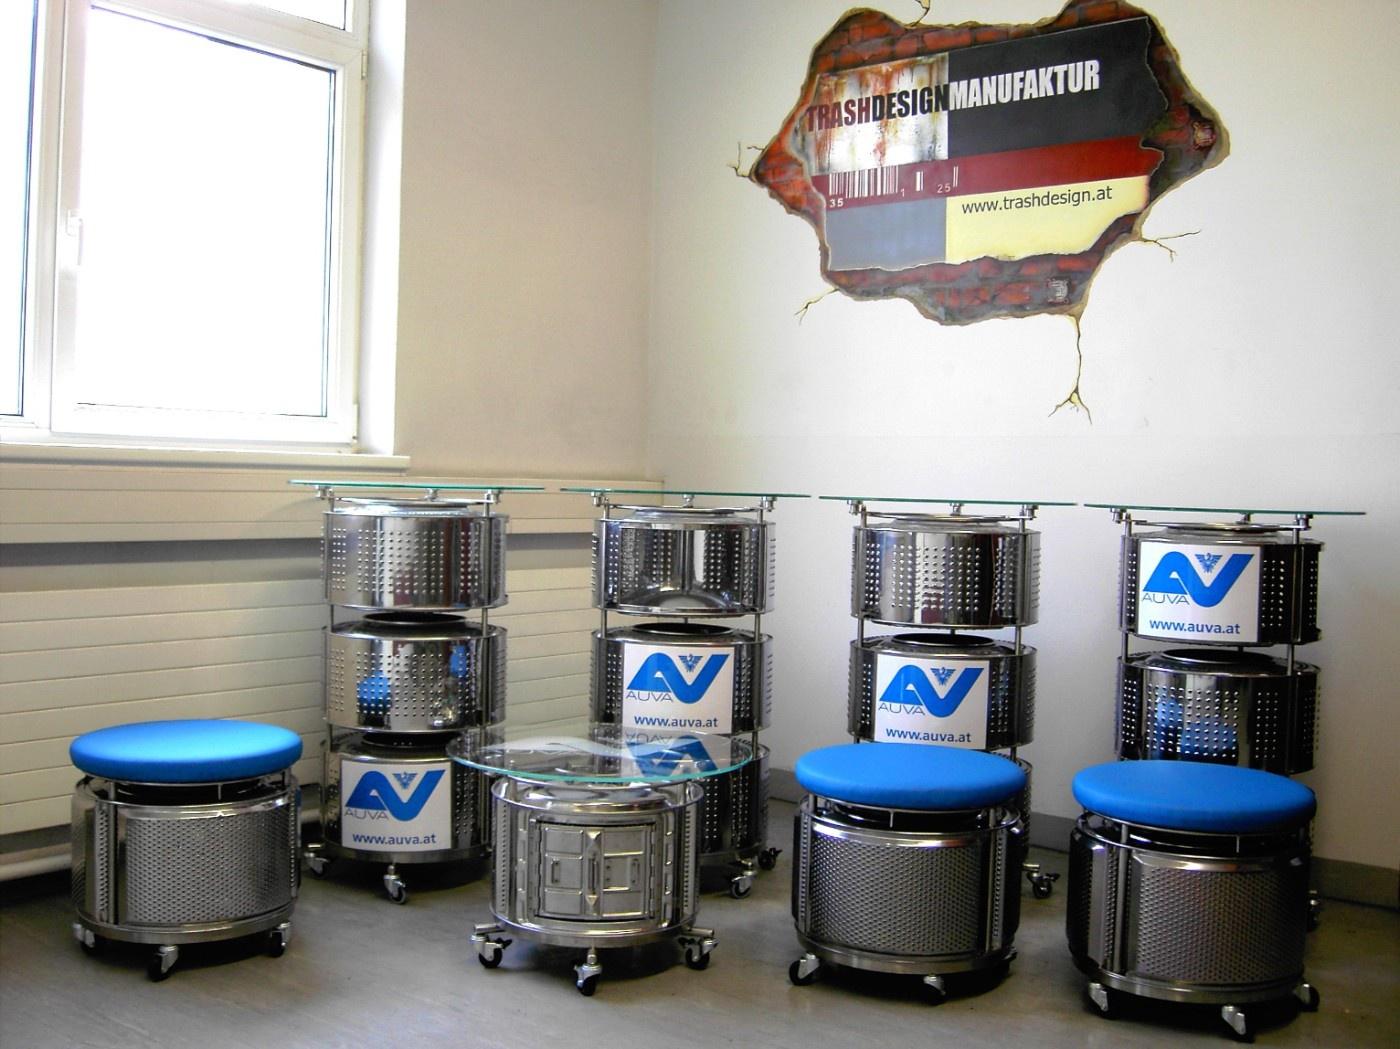 Infostandsystem aus Waschmaschinentrommeln